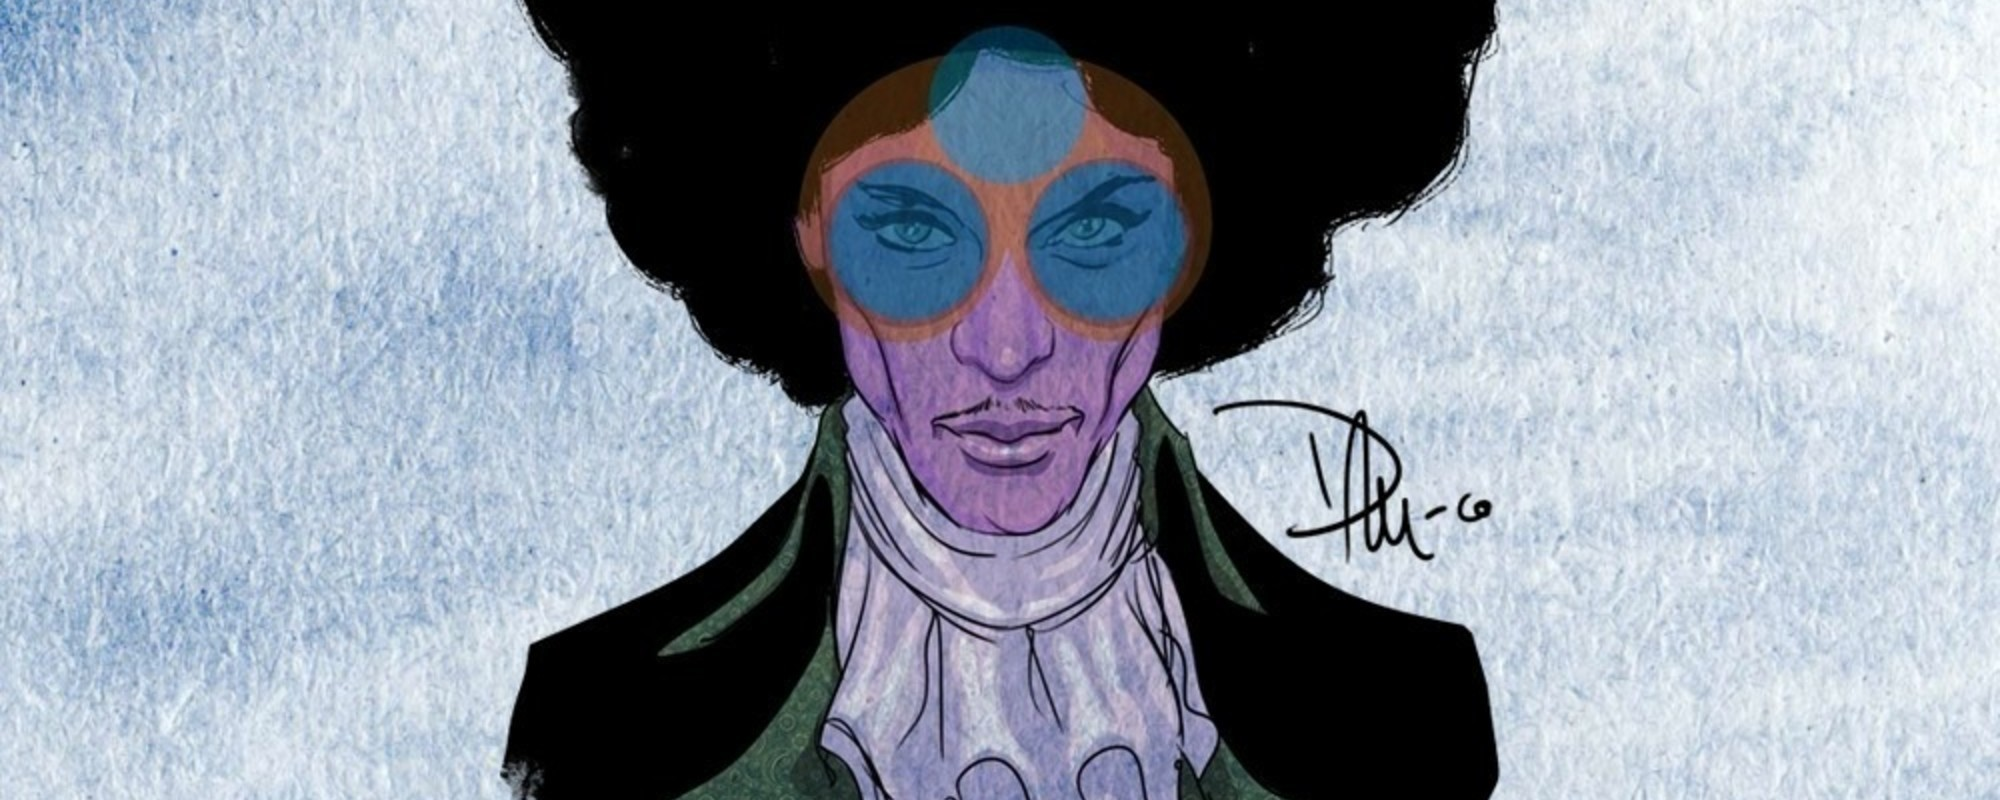 Έτσι Είπαν οι Καλλιτέχνες «Αντίο» στον Prince